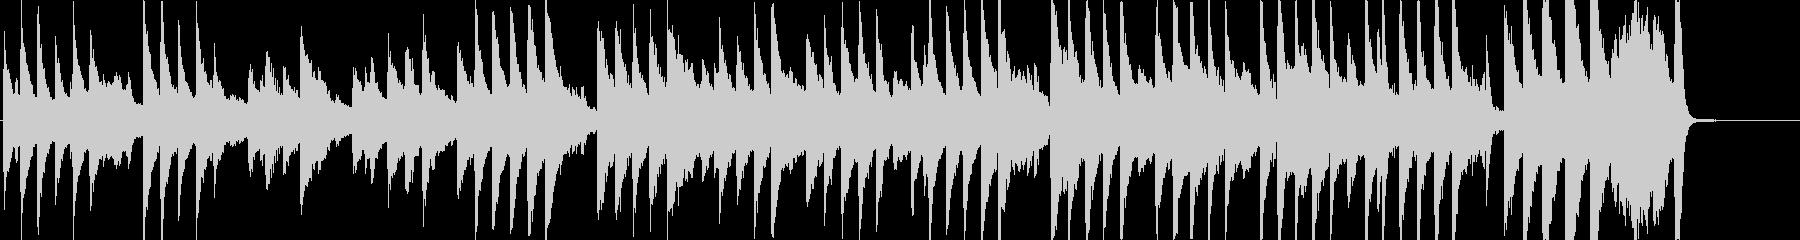 ハッピーバースデートゥーユー_ピアノ伴奏の未再生の波形